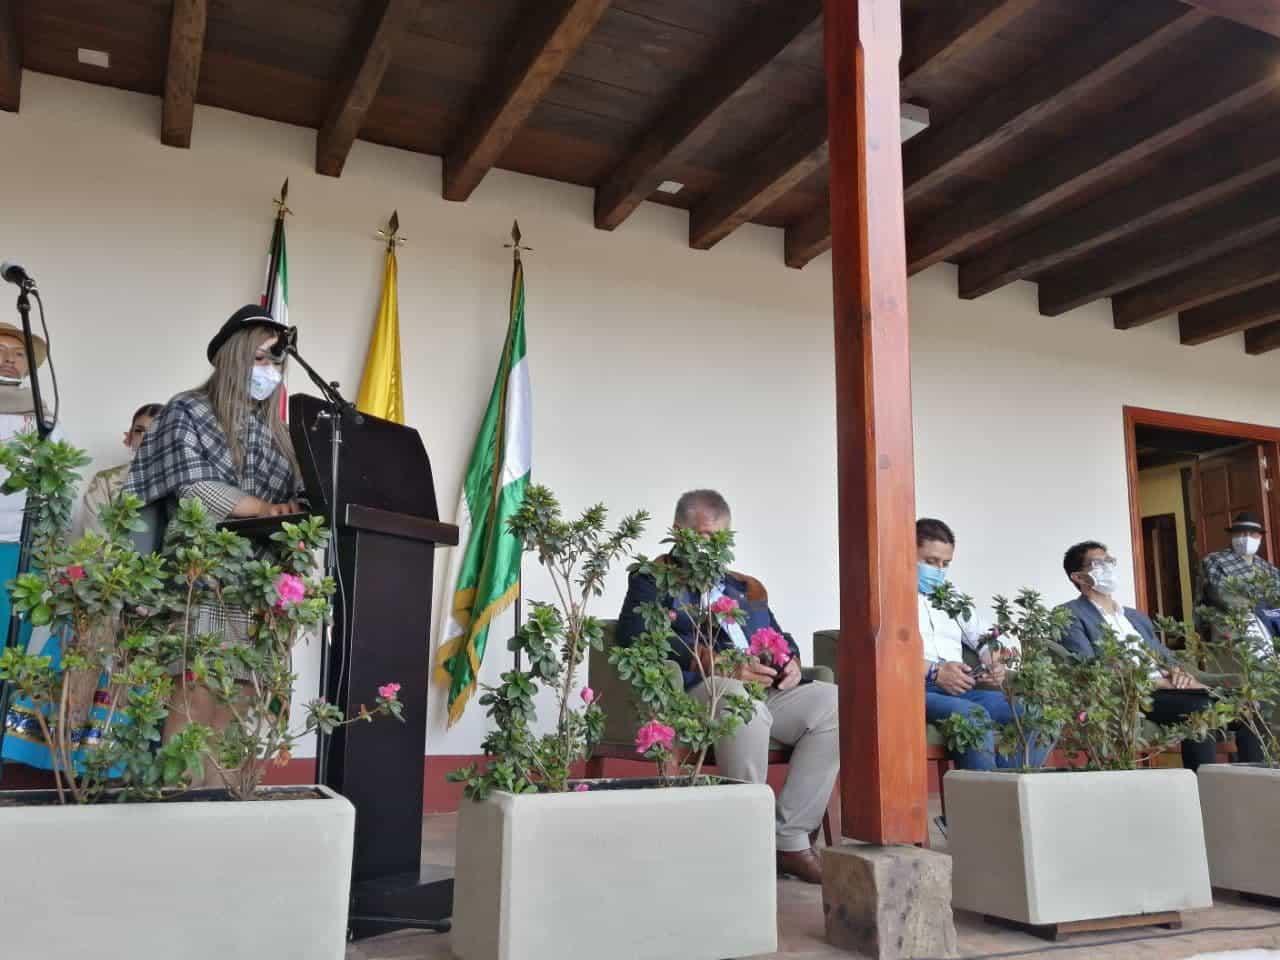 Más de $4.400 millones en infraestructura cultural entregó el ministro Felipe Buitrago a los boyacenses 1